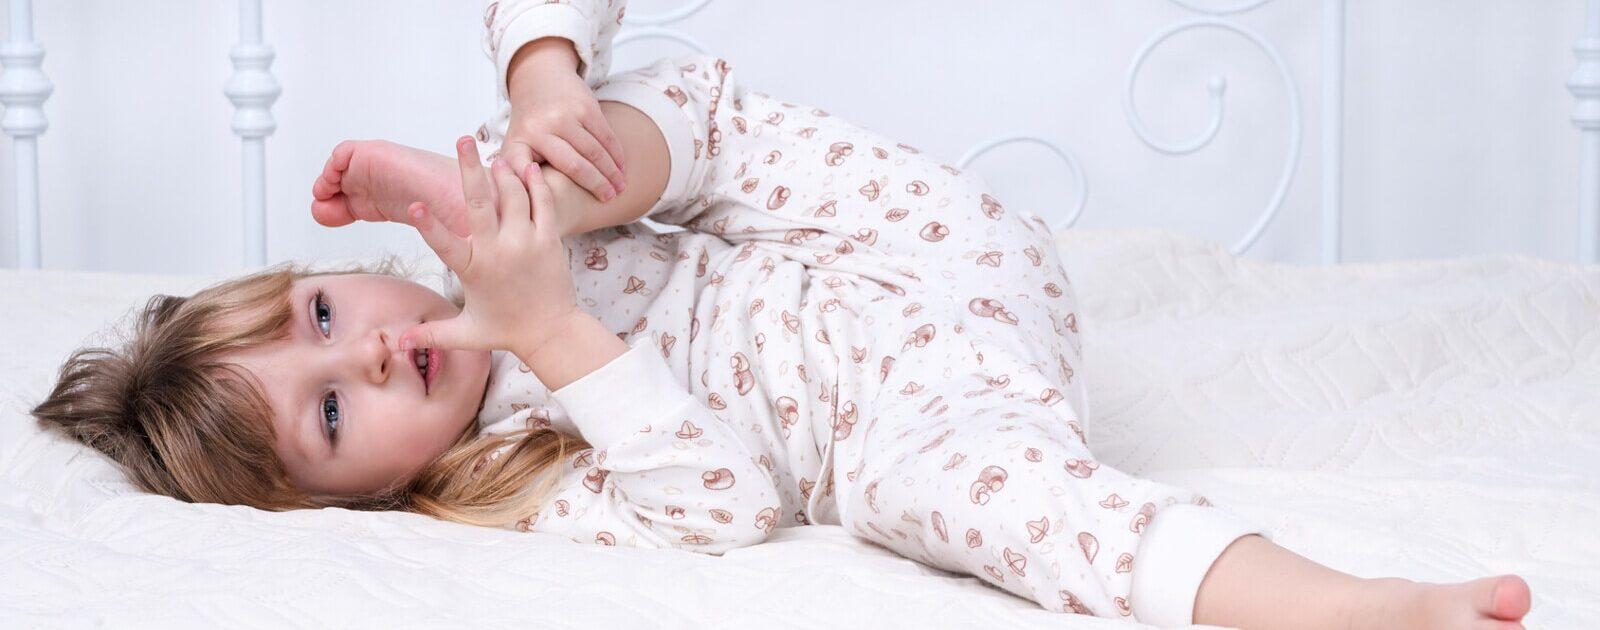 Die körperliche Entwicklung von Kleinkindern: Ein Mädchen zieht den Fuß zu ihrem Gesicht.